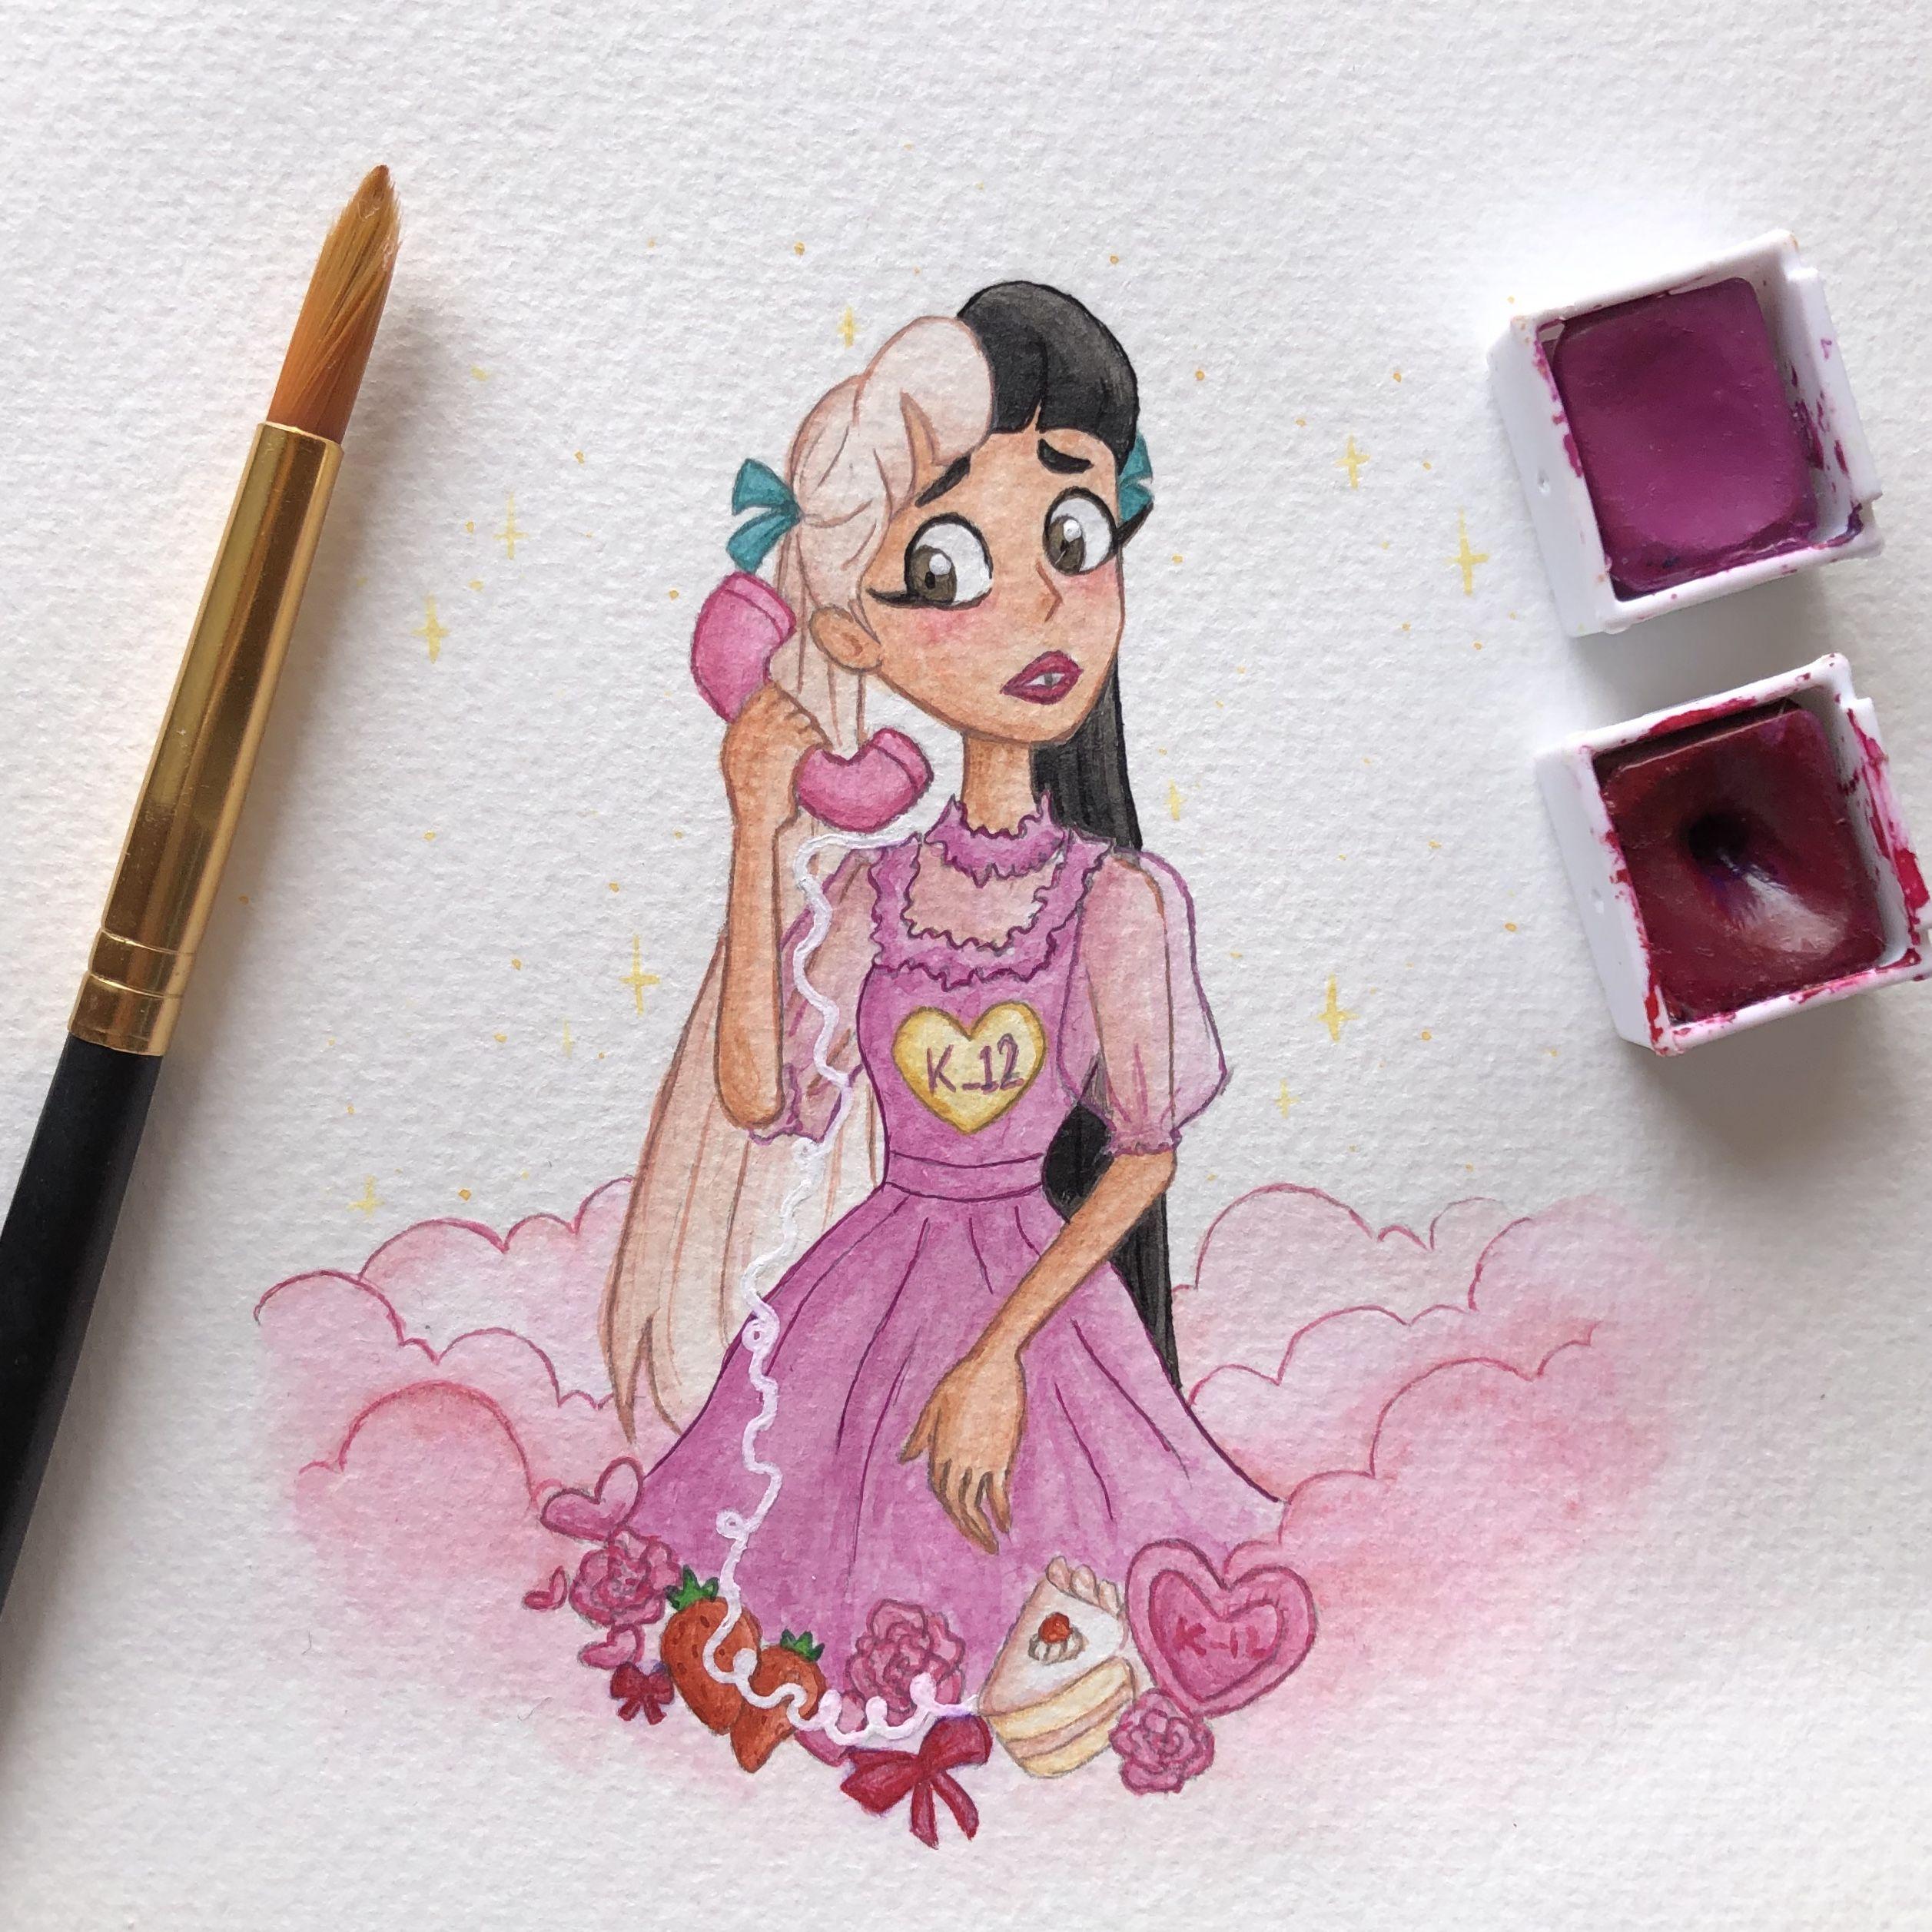 How To Draw Melanie Martinez K12 Album Melanie Martinez Drawings Melanie Martinez Kawaii Girl Drawings